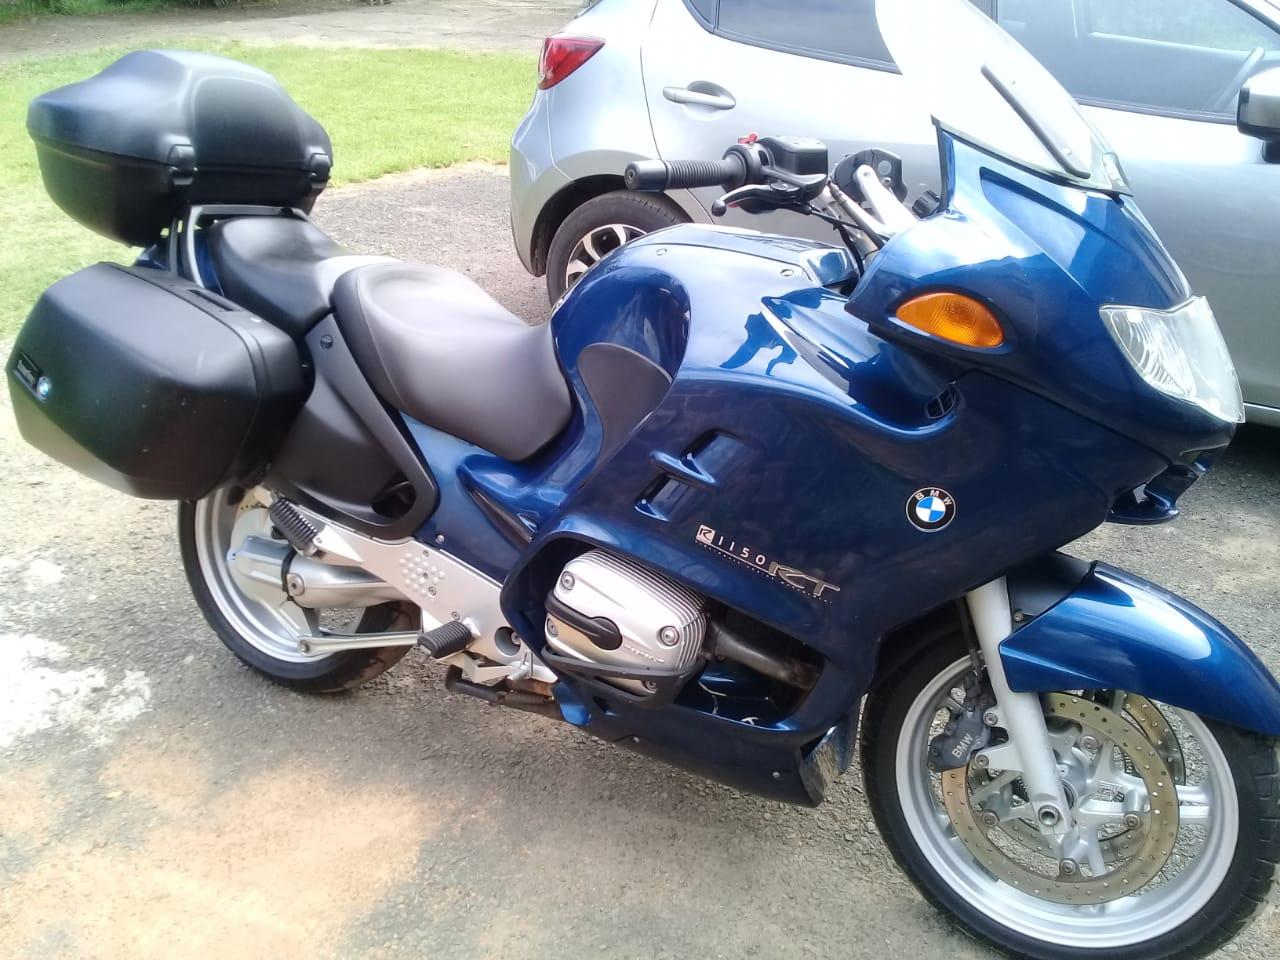 2003 BMW Vintage